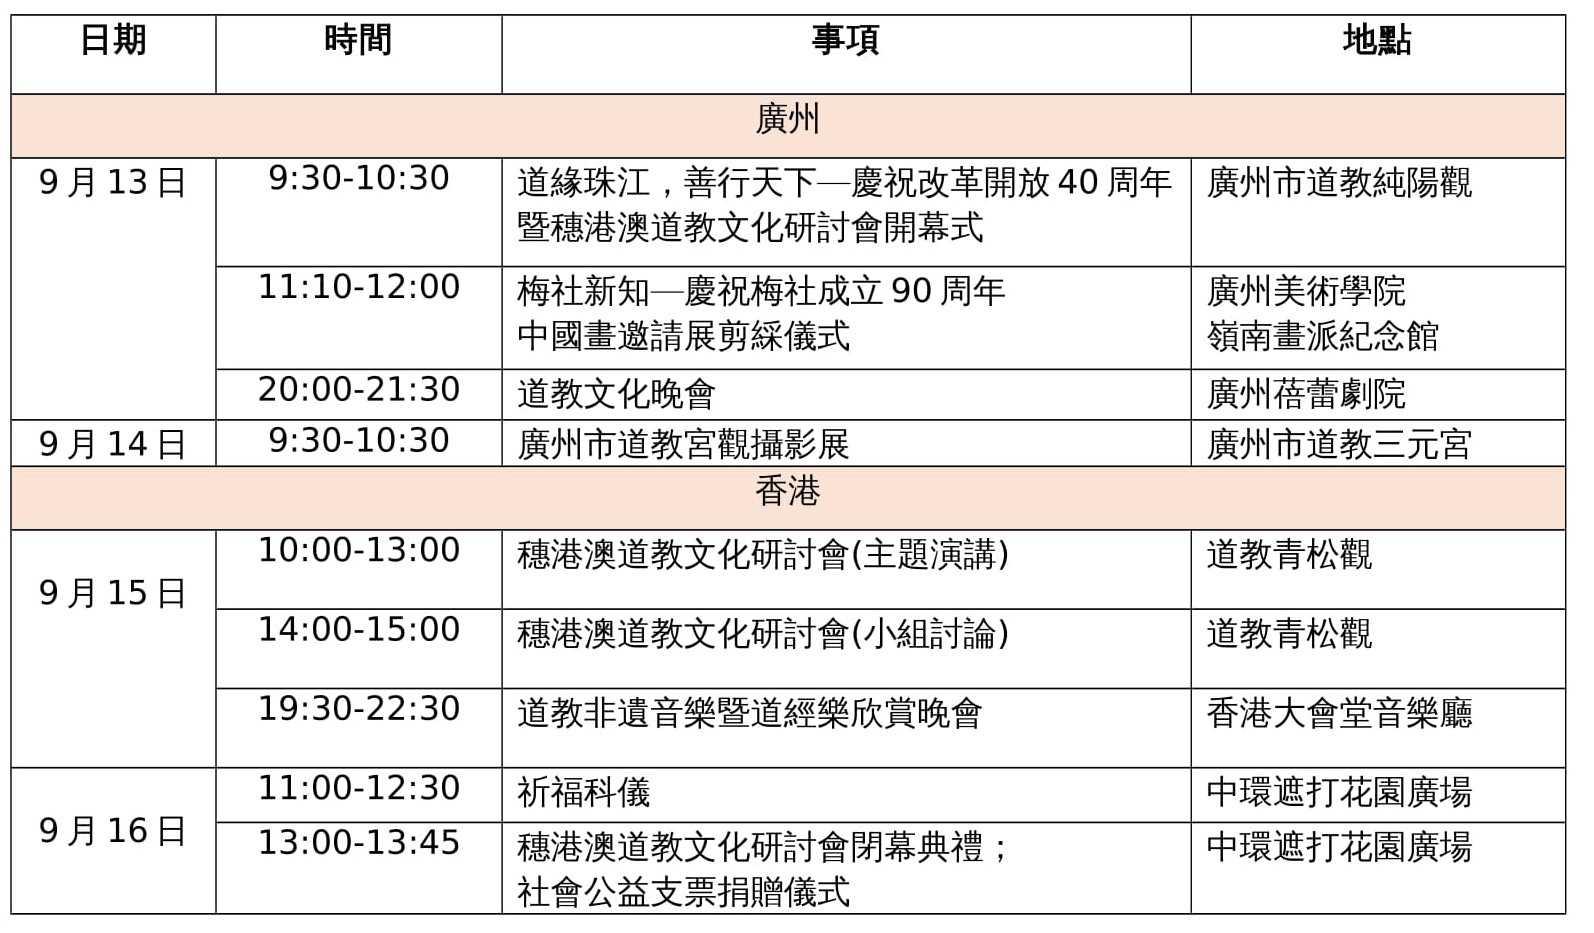 庆祝改革开放40周年暨穗港澳道教文化活动